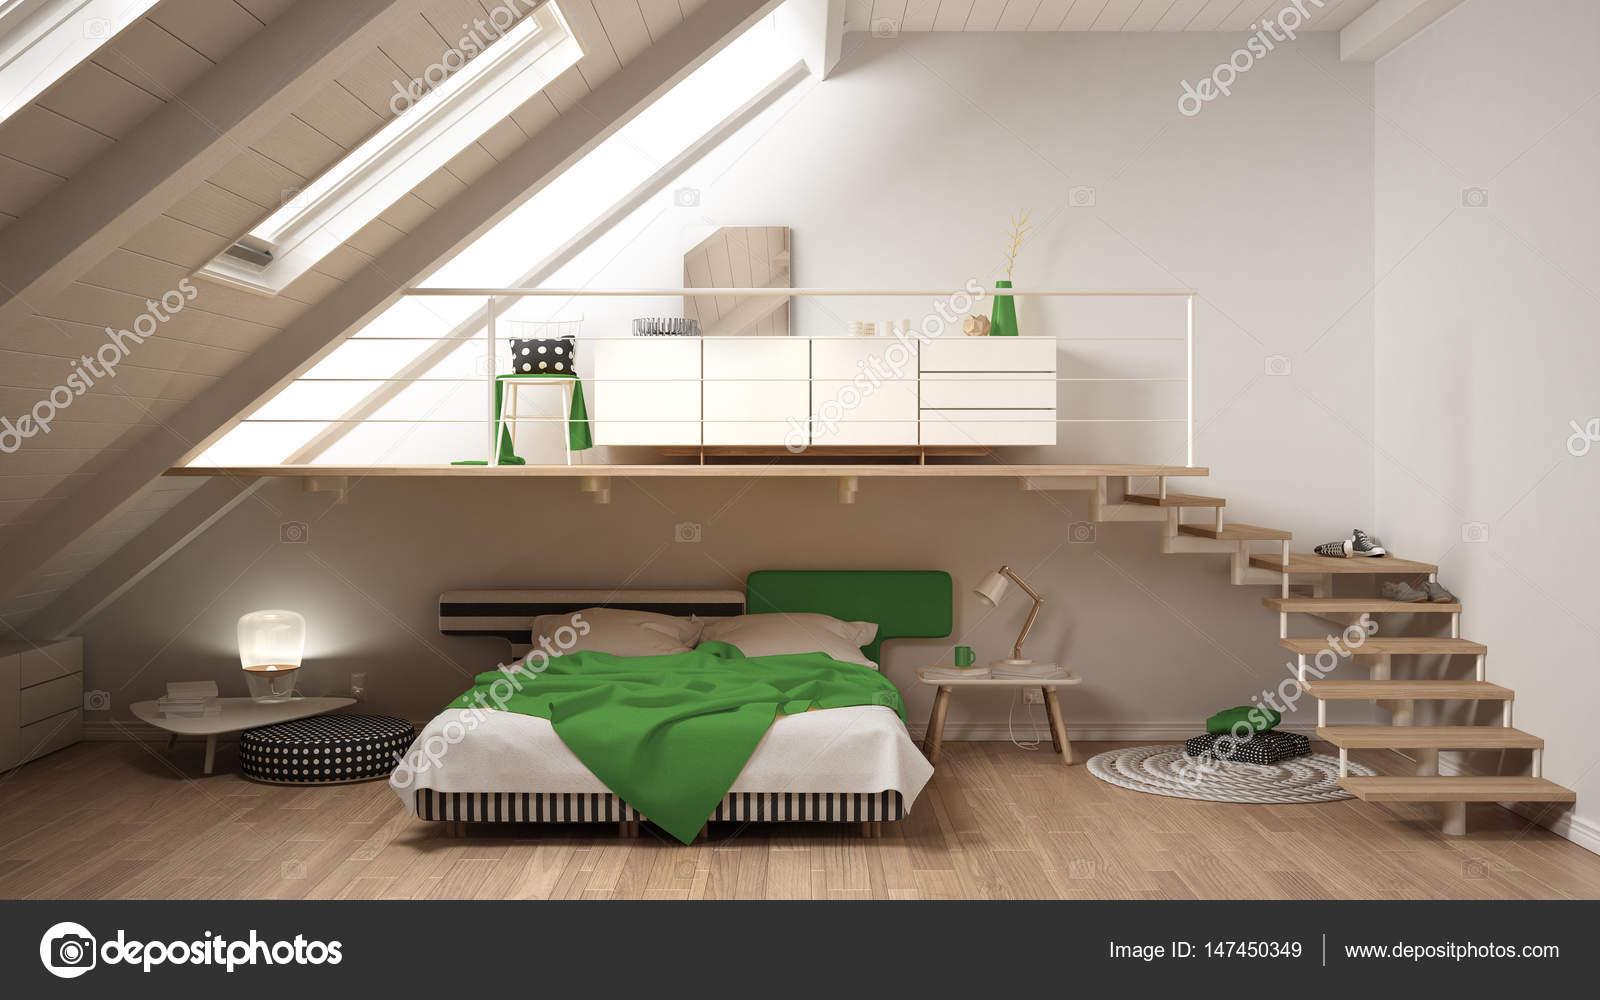 Slaapkamer Groen Wit : Loft mezzanine scandinavische minimalistische slaapkamer wit en